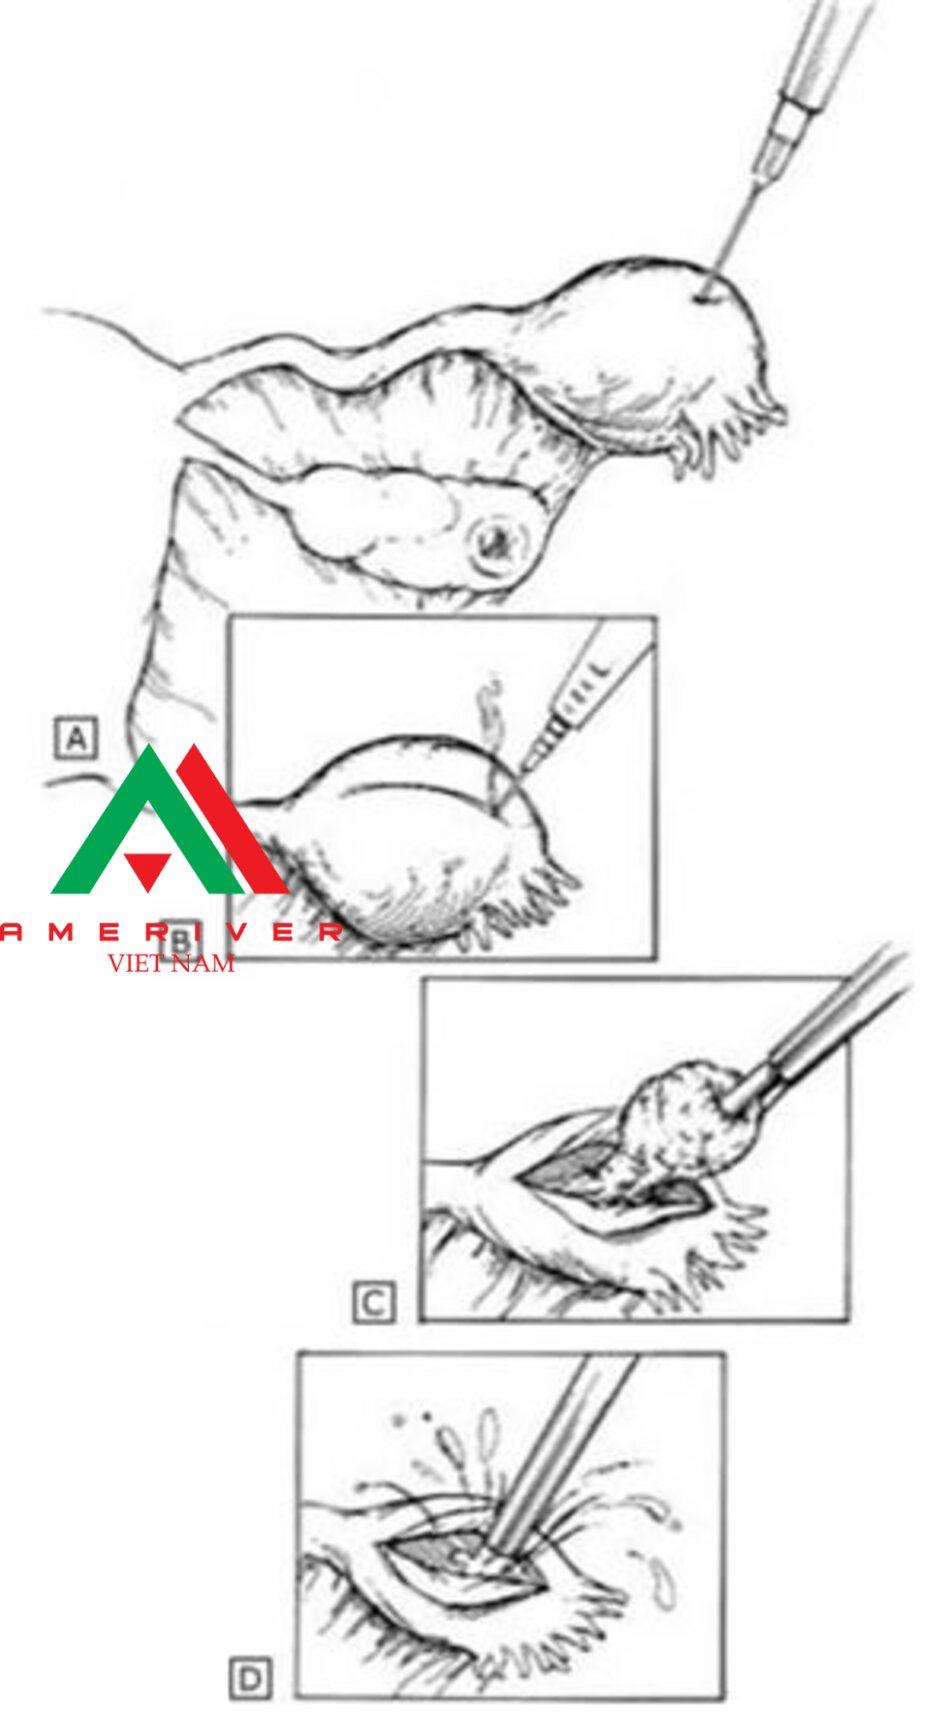 (A)CỐ định ống và tiêm dung dịch vasopressin pha loãng. (B) Tạo một đường rạch ở bờ đối bên mạc treo trên khối thai. (C) Lấy bo các sản phâm cúa quá trình thụ thai bằng cách sử dụng kẹp không gây chấn thương. (D) Vị trí thai làm tổ được tưới rửa và thực hiện cầm máu.